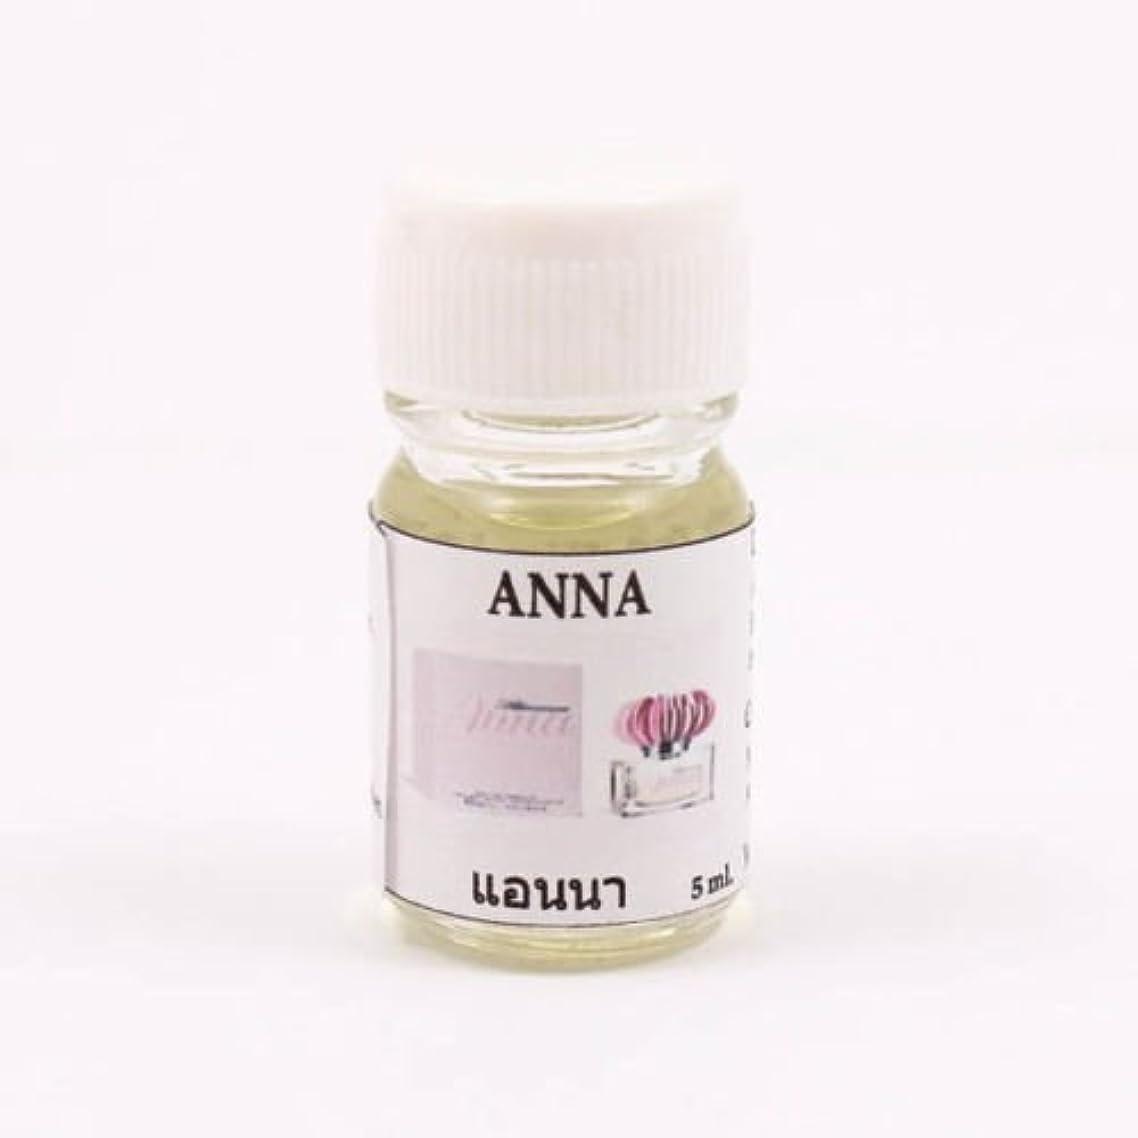 はねかける近代化するガイド6X Anna Aroma Fragrance Essential Oil 5ML. (cc) Diffuser Burner Therapy